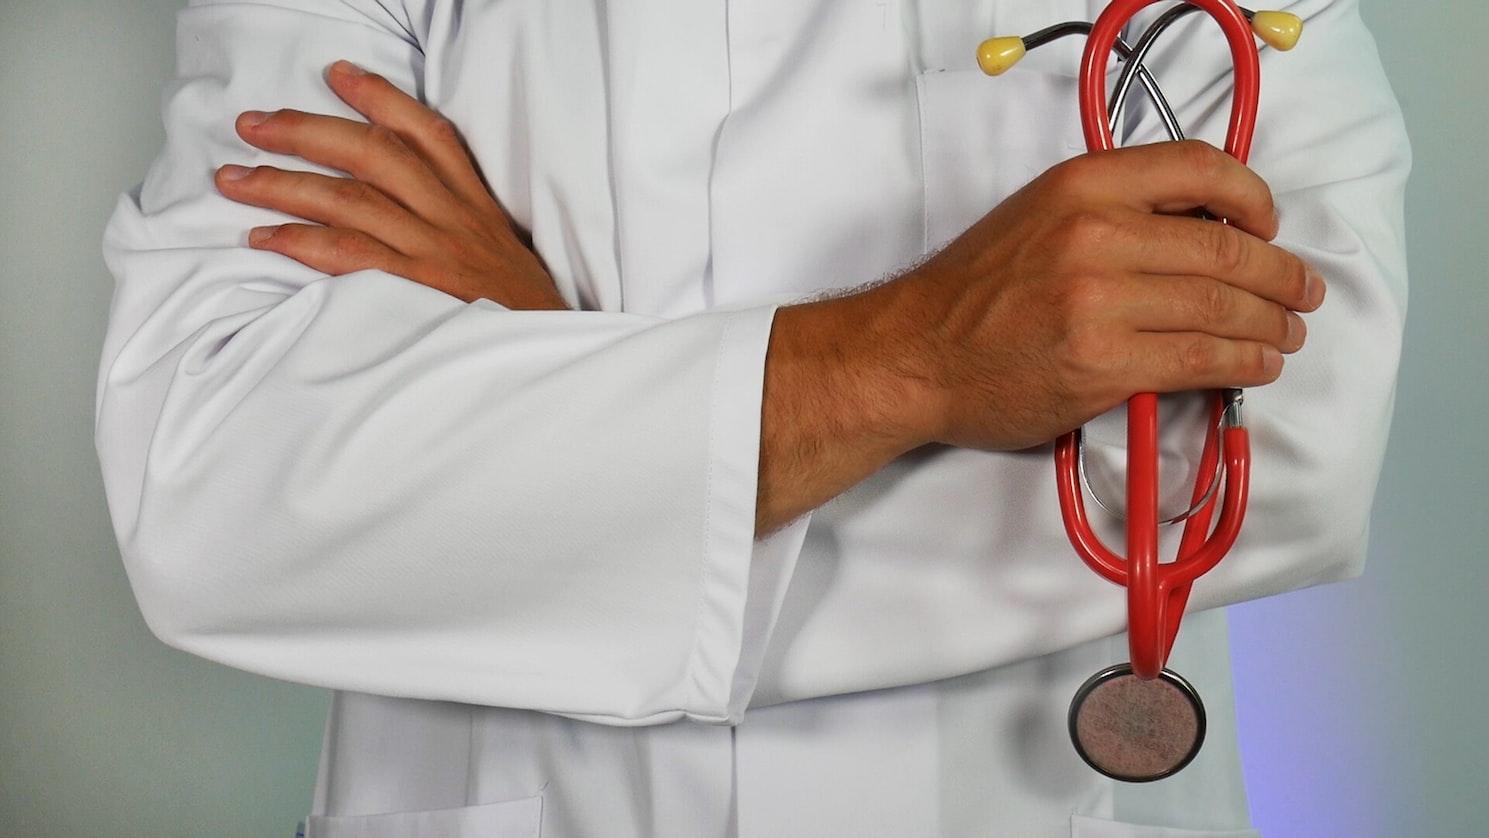 רשלנות רפואית בלידה והריון מומלץ